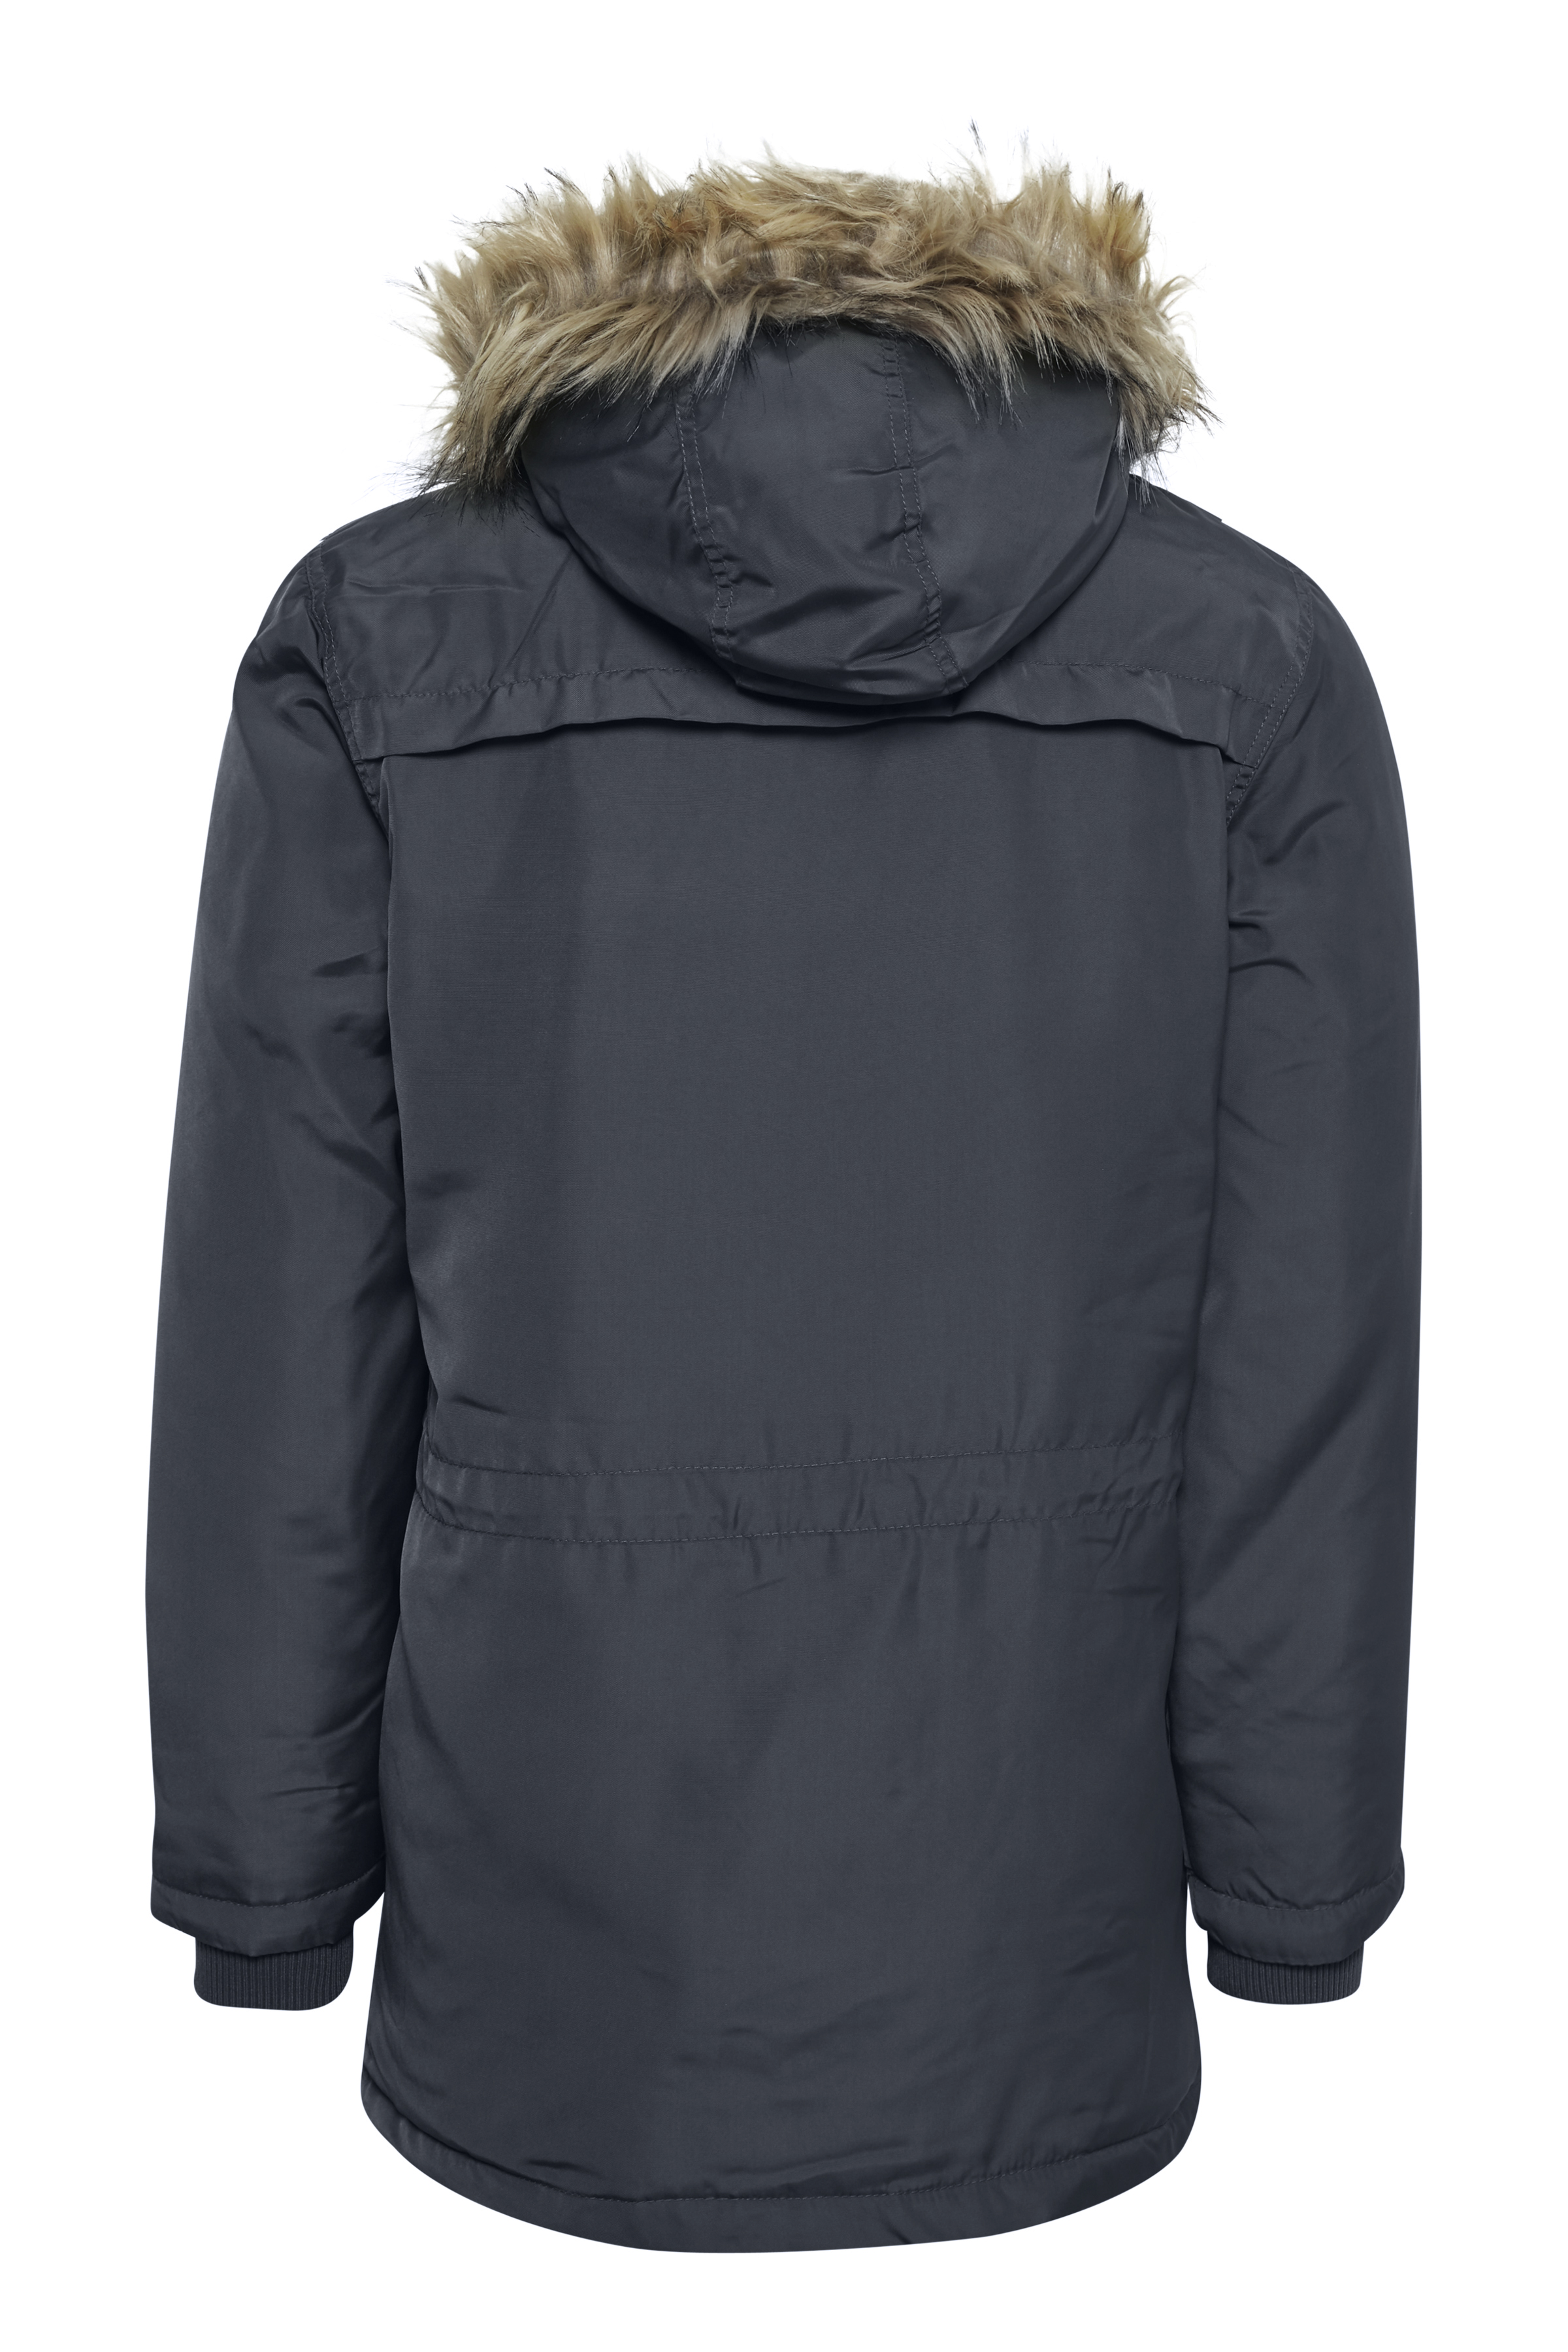 Mørk marineblå Frakke fra Blend He – Køb Mørk marineblå Frakke fra str. S-3XL her